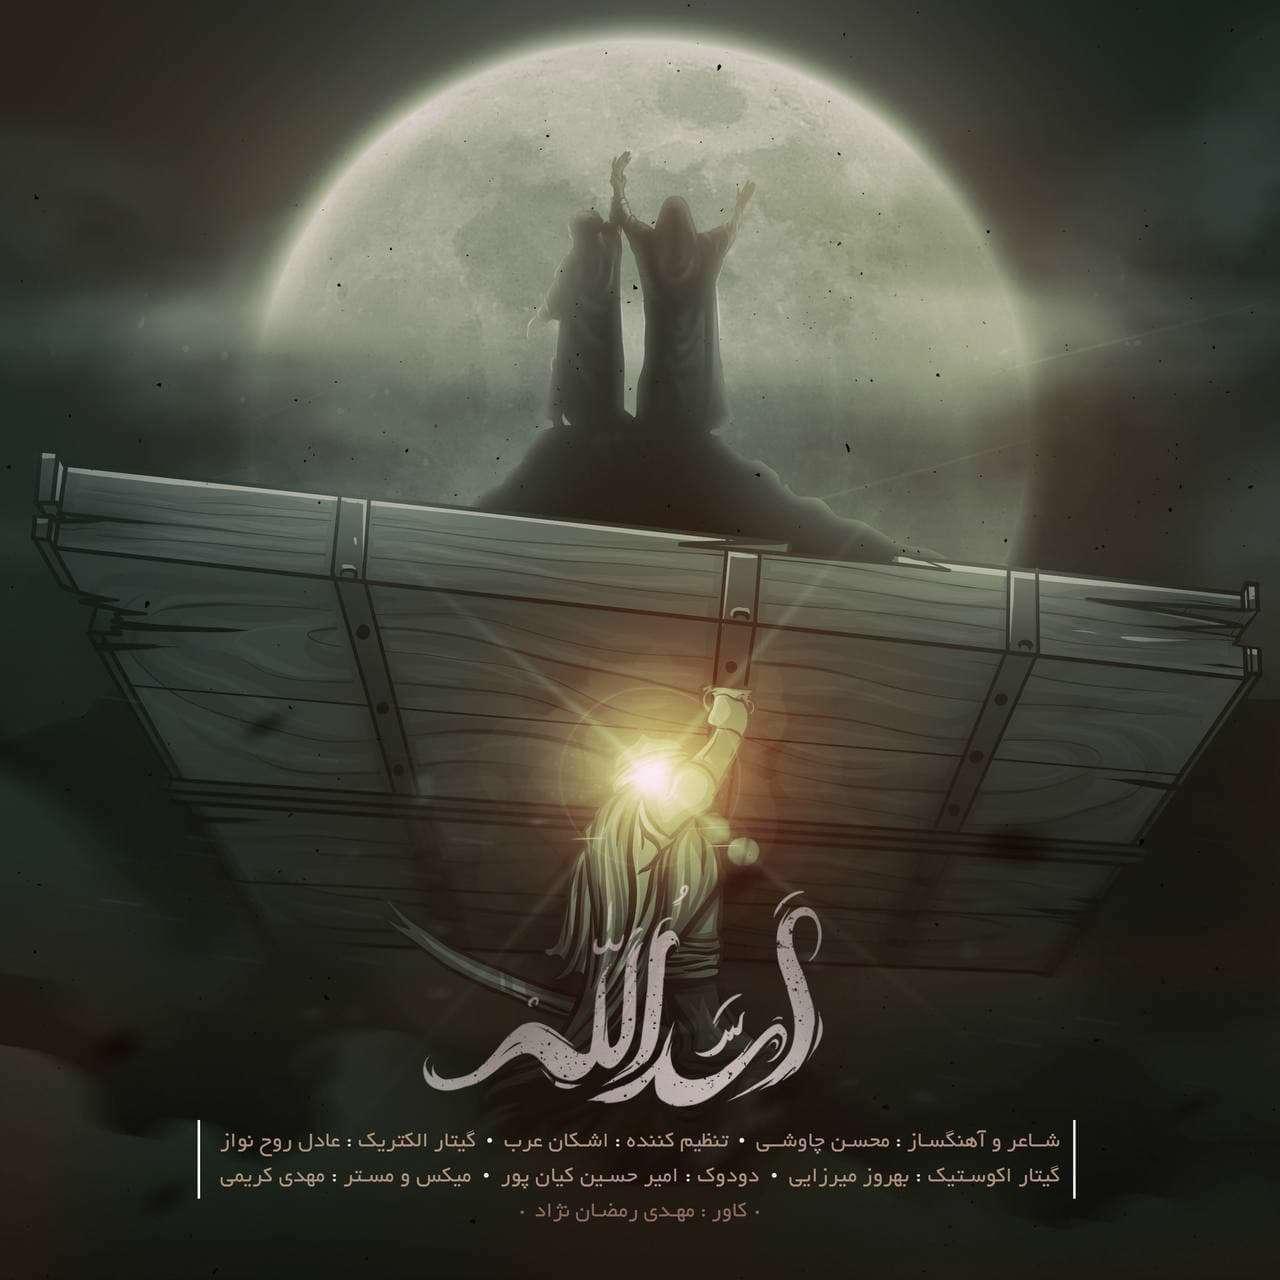 دانلود آهنگ اسدالله محسن چاوشی درباره امام علی علیه السلام